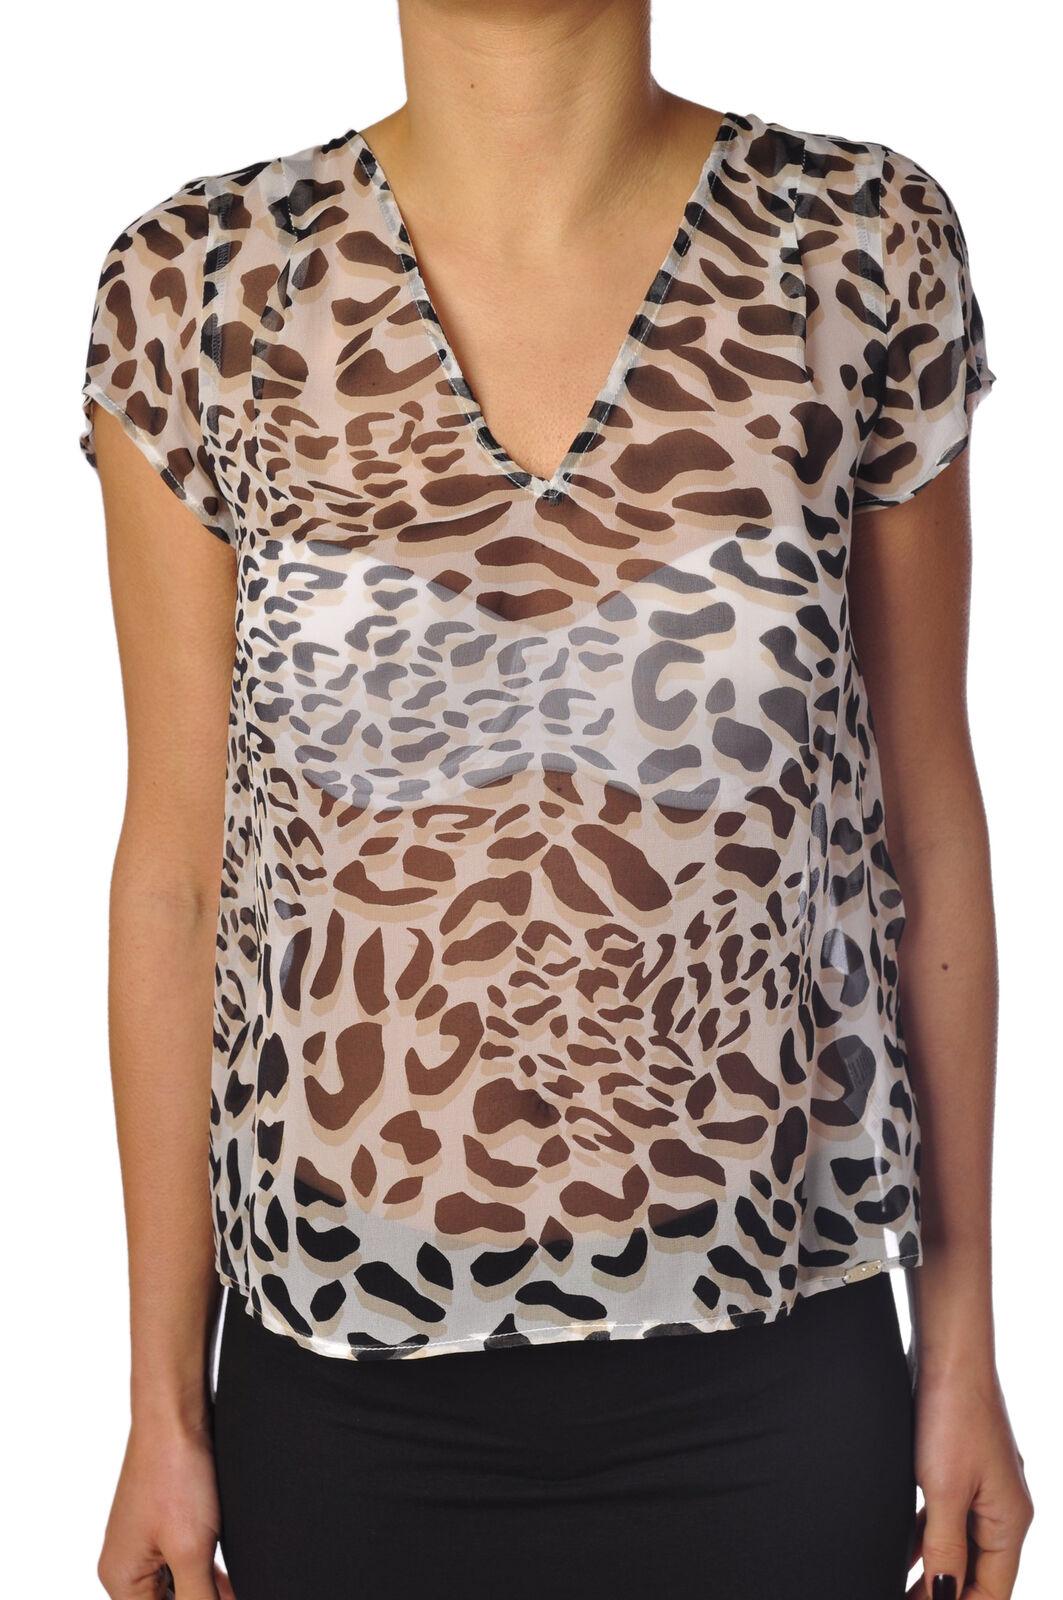 Liu-Jo - Topwear-Tops - woman - Beige - 745001E192002